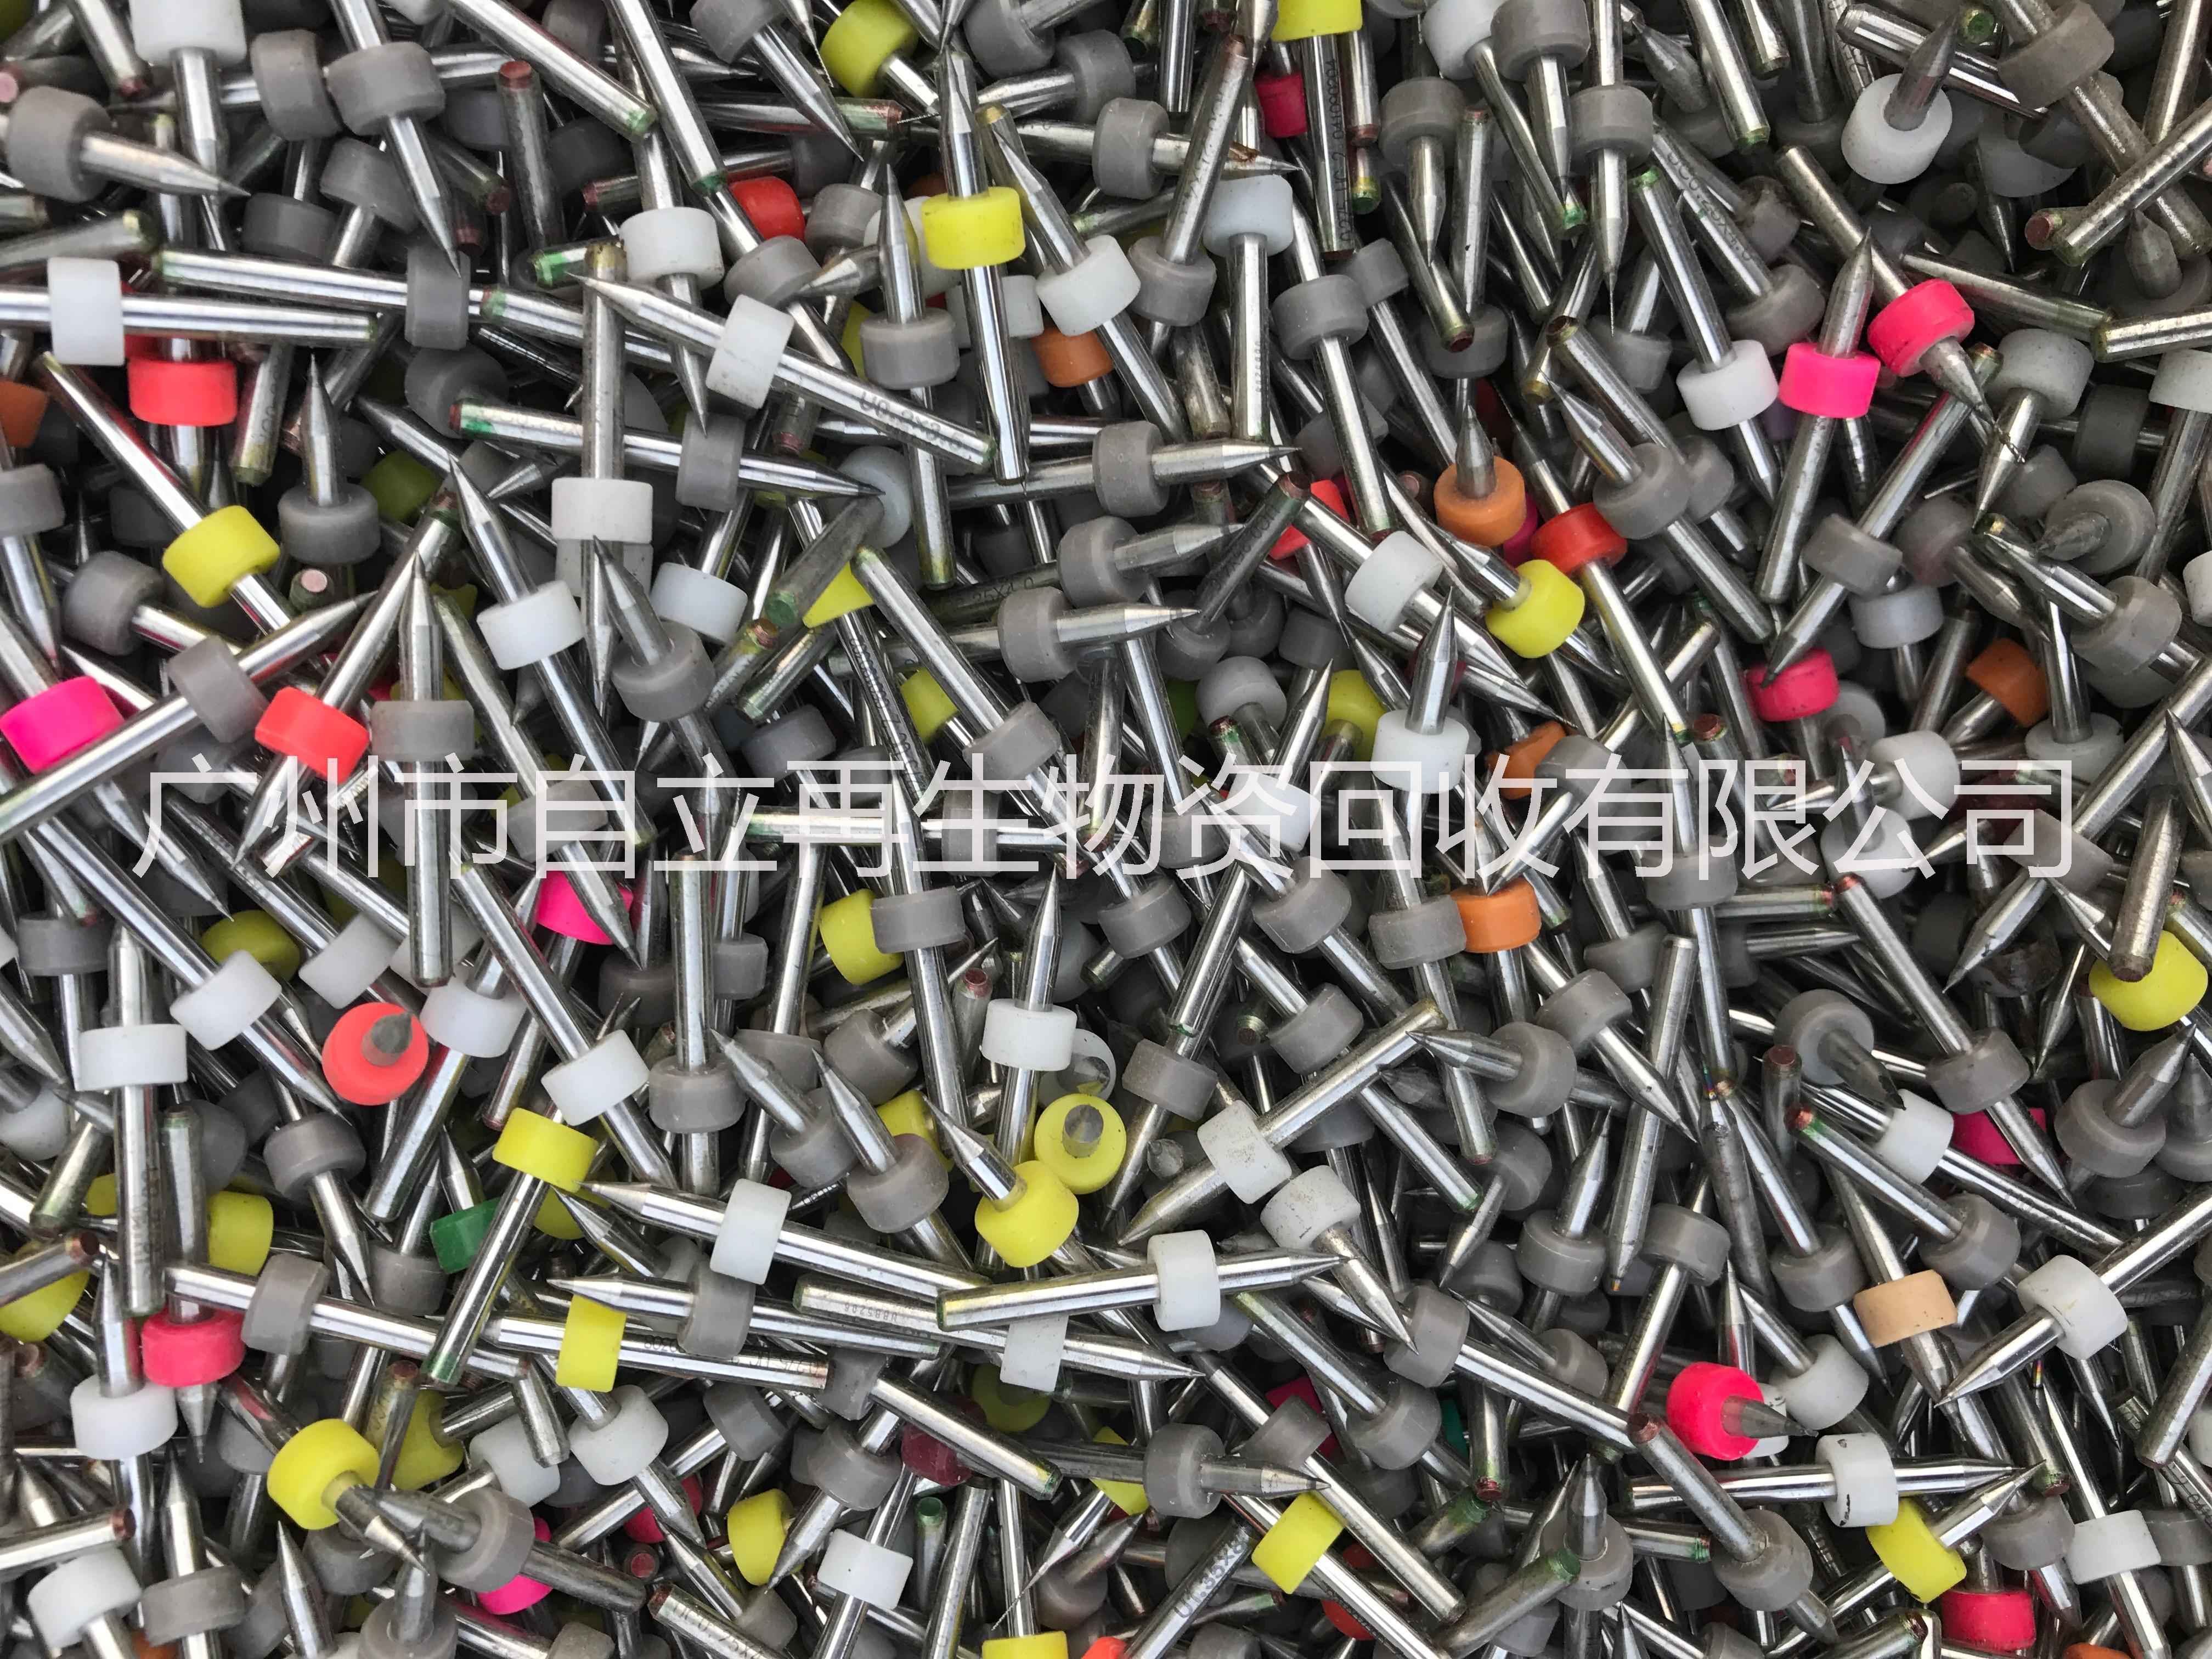 出售PCB白铁钻咀 线路板微钻回收 大量回收线路板白铁小钻头